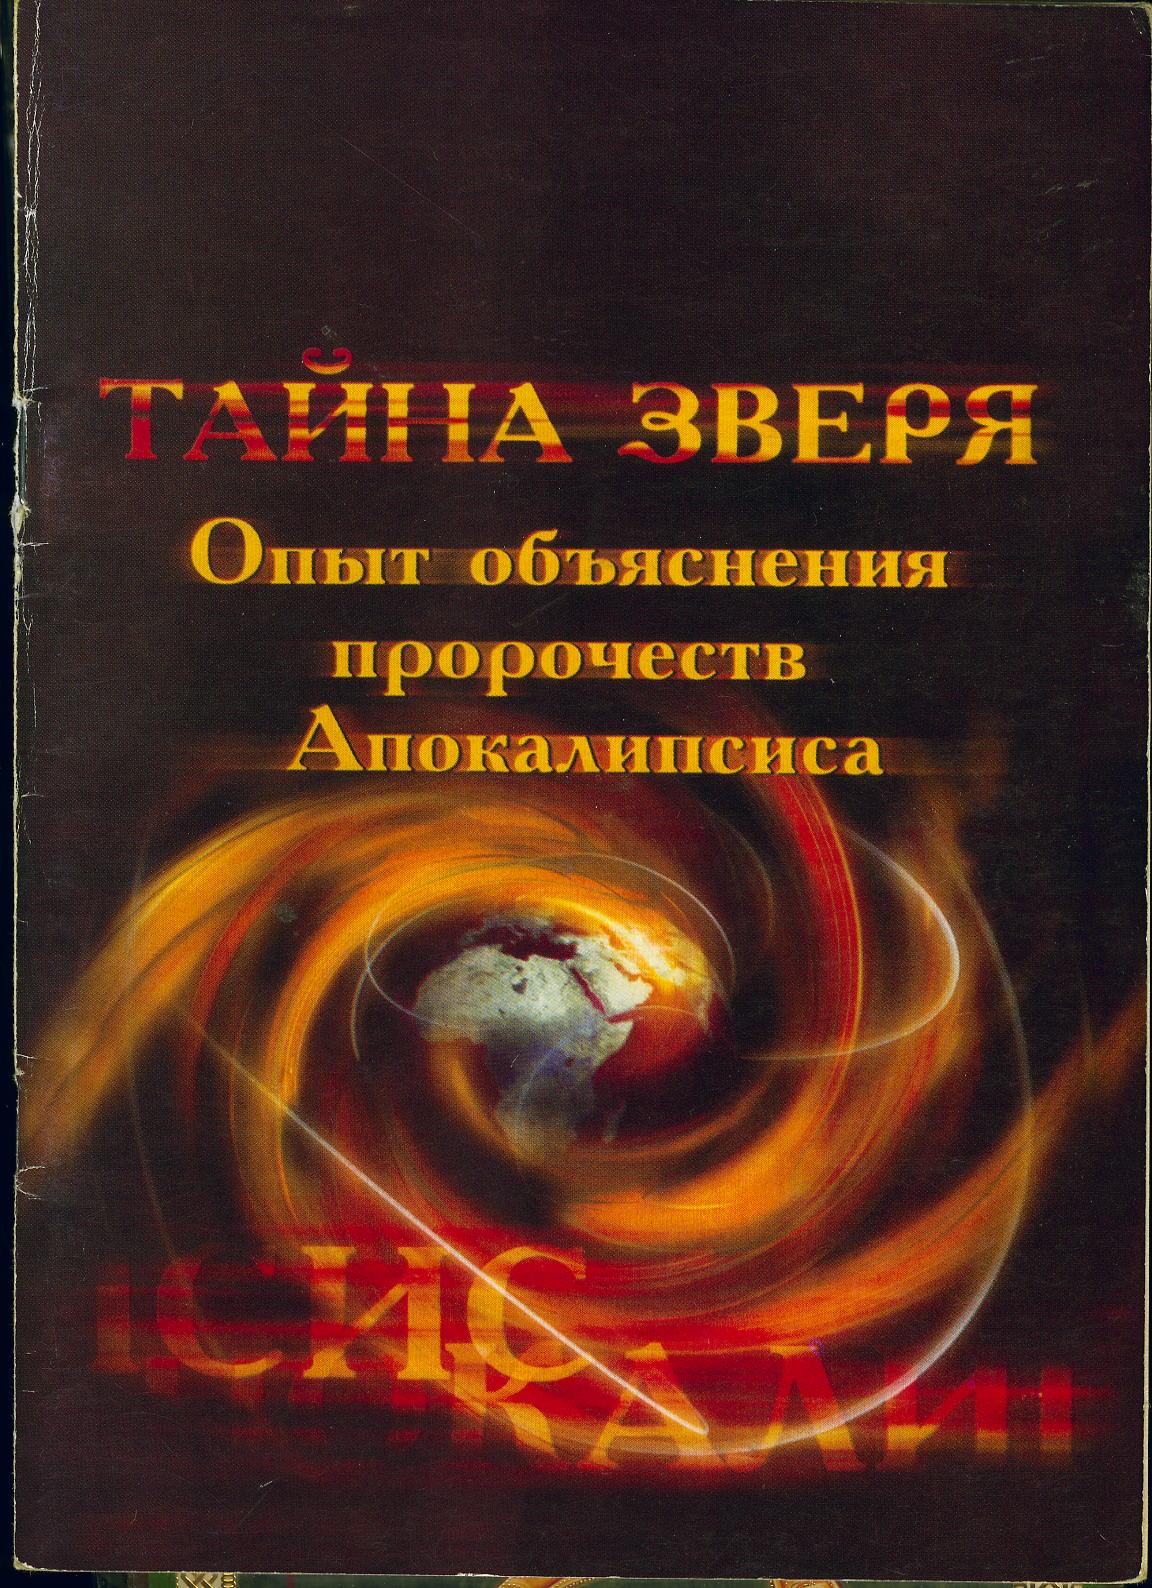 http://s1.uploads.ru/i/kADKJ.jpg